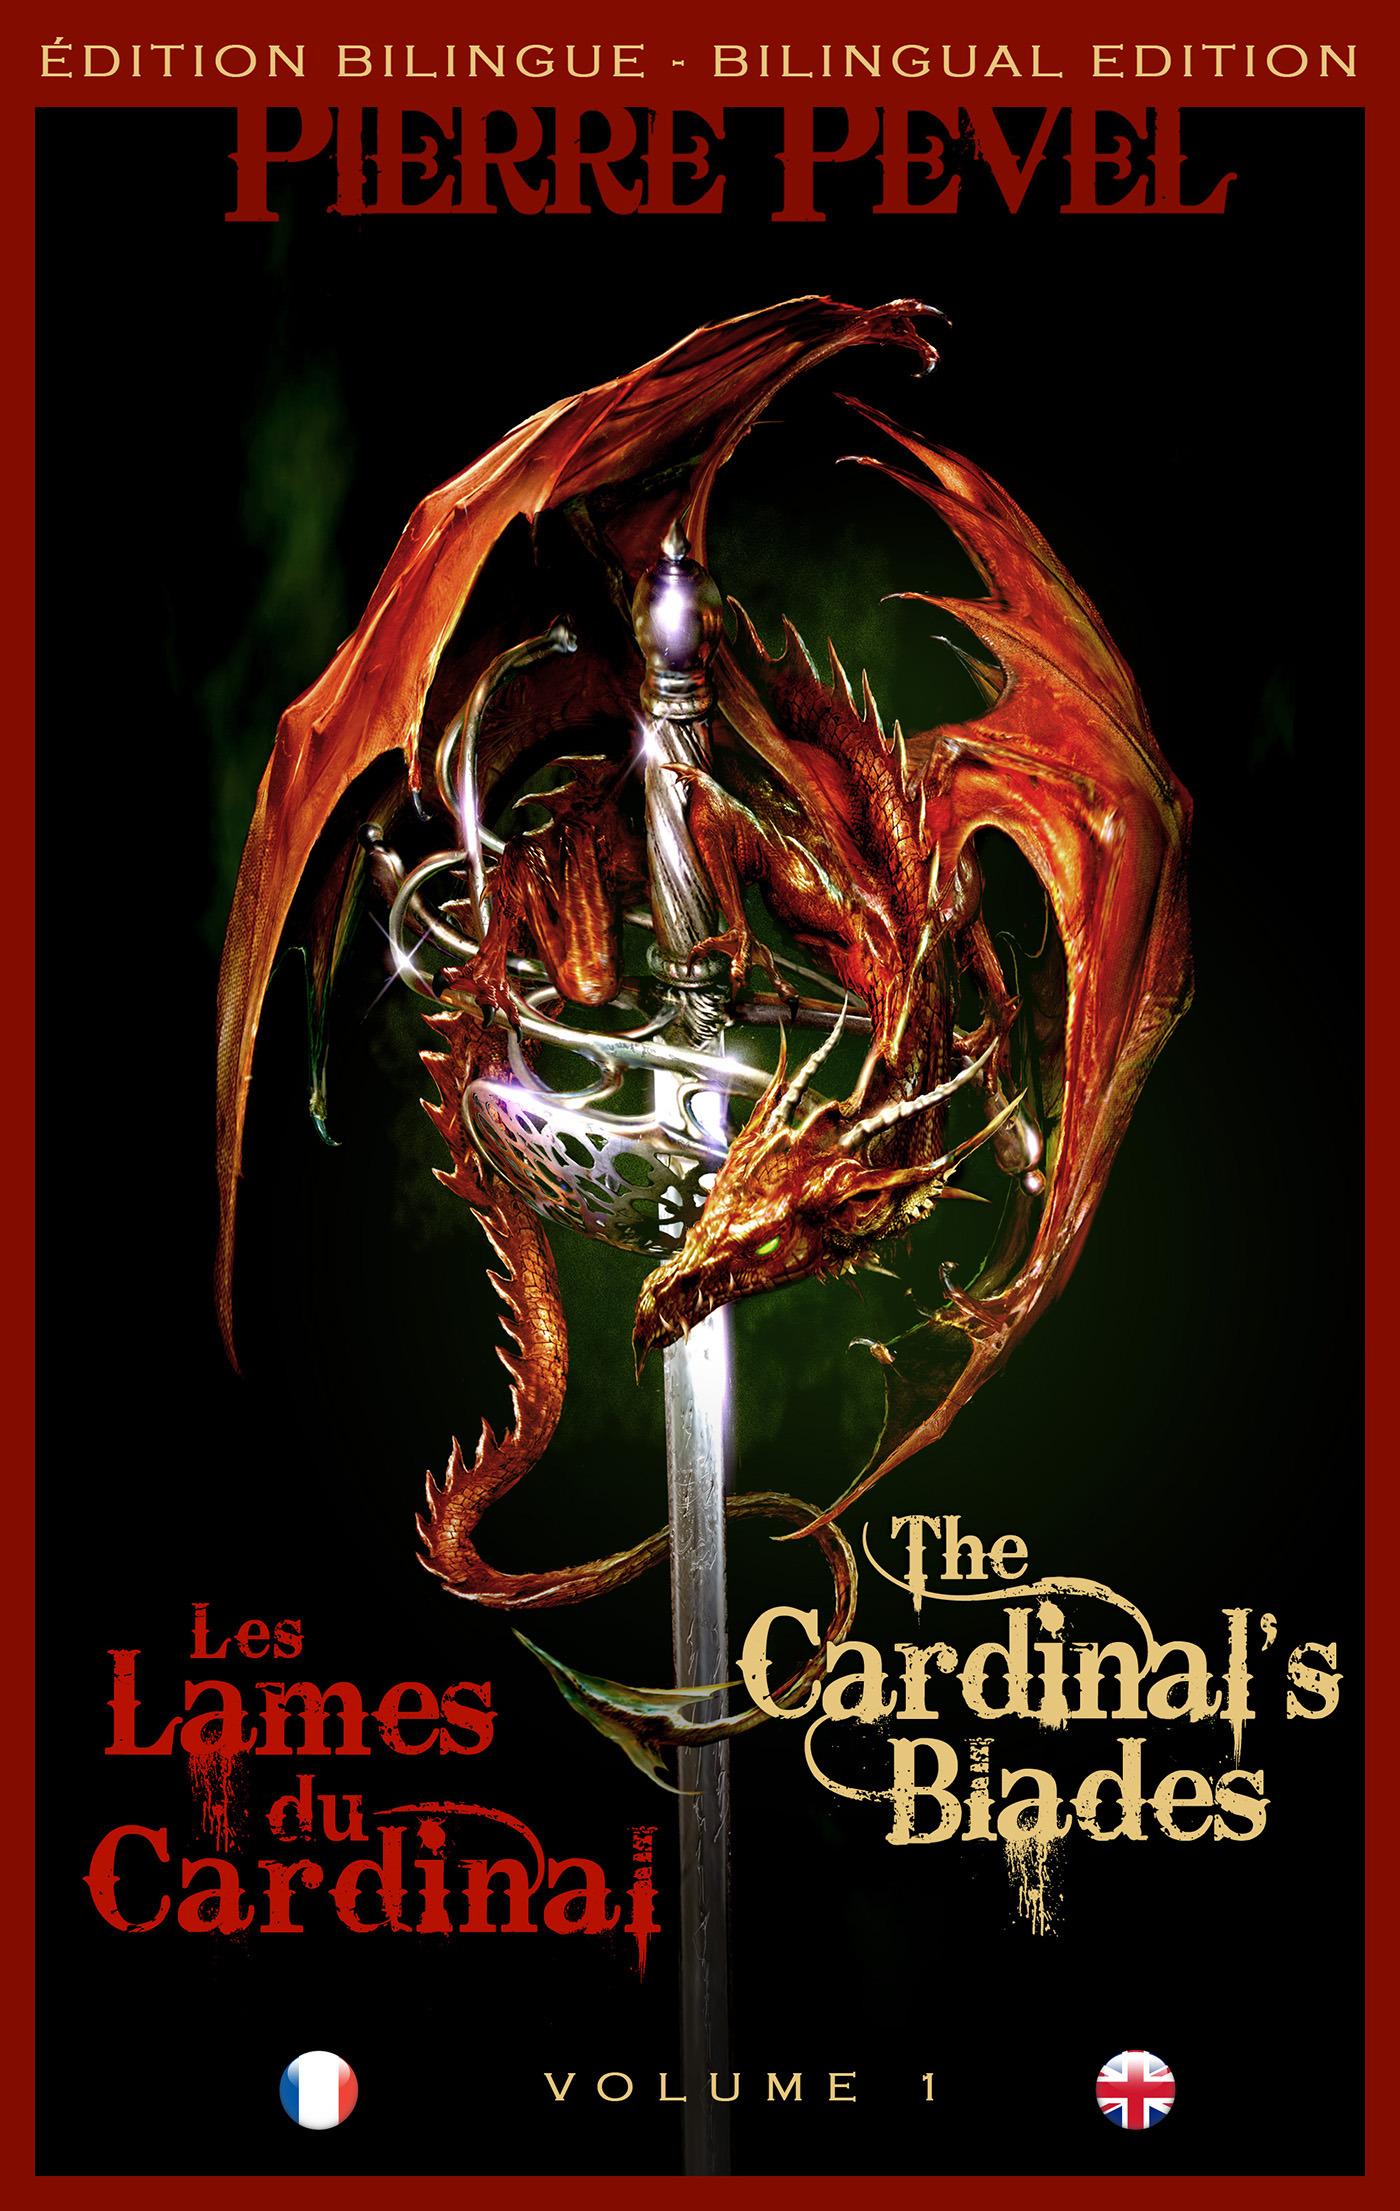 Les Lames du Cardinal / The Cardinal's Blade, LES LAMES DU CARDINAL, T1